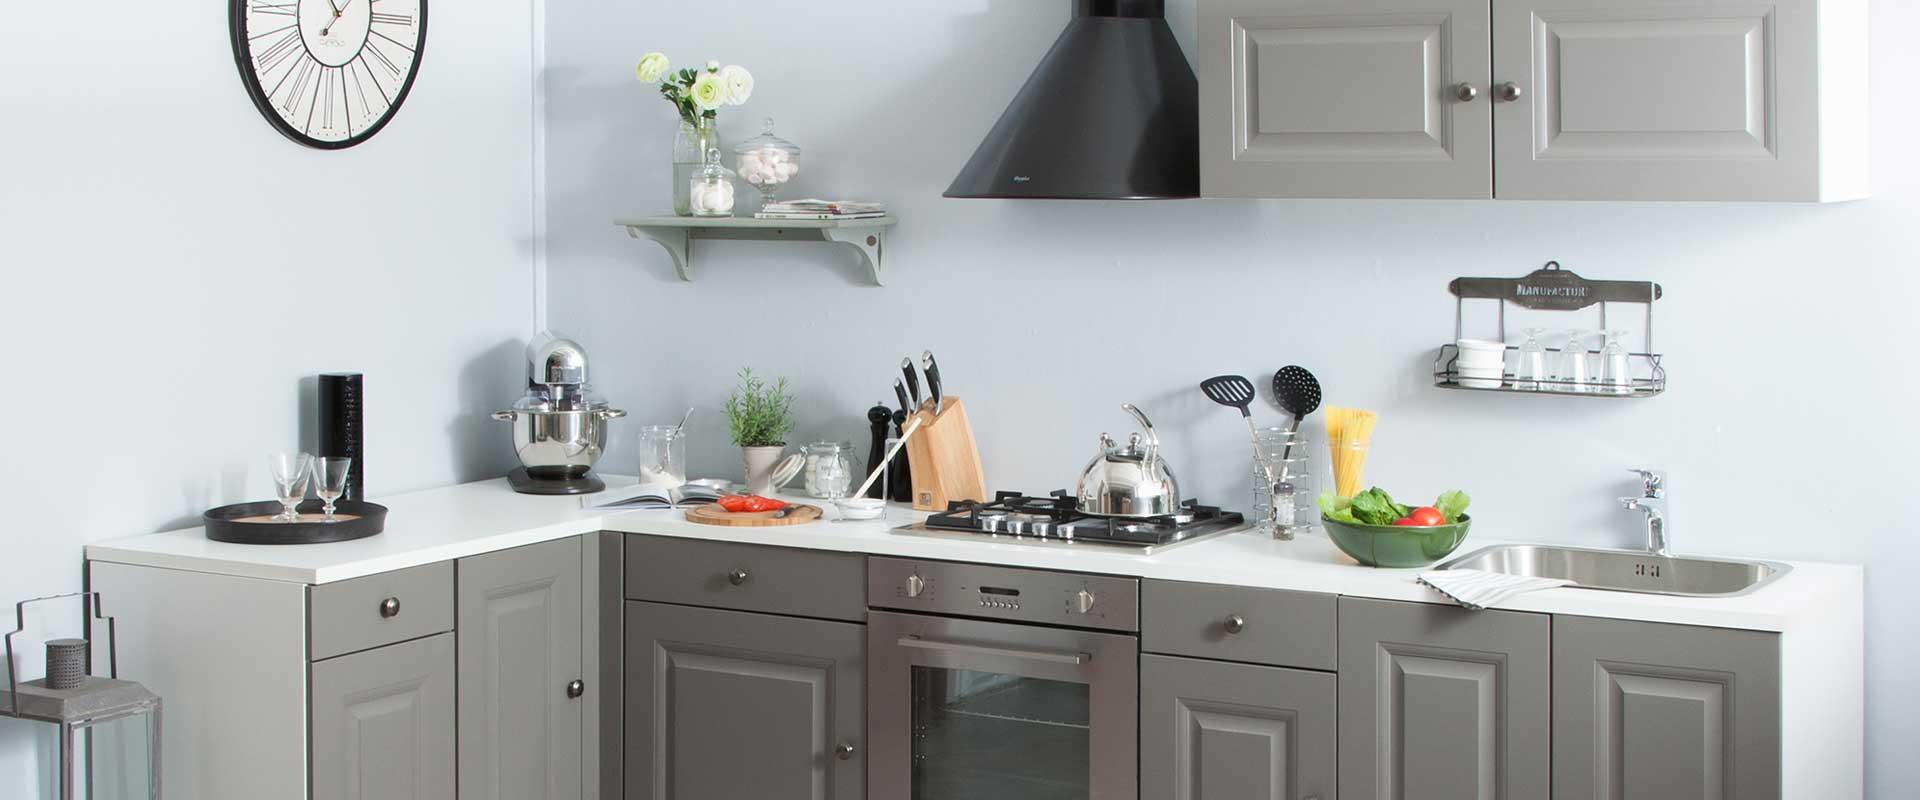 articles de cuisine ustensiles mat riel et accessoires. Black Bedroom Furniture Sets. Home Design Ideas